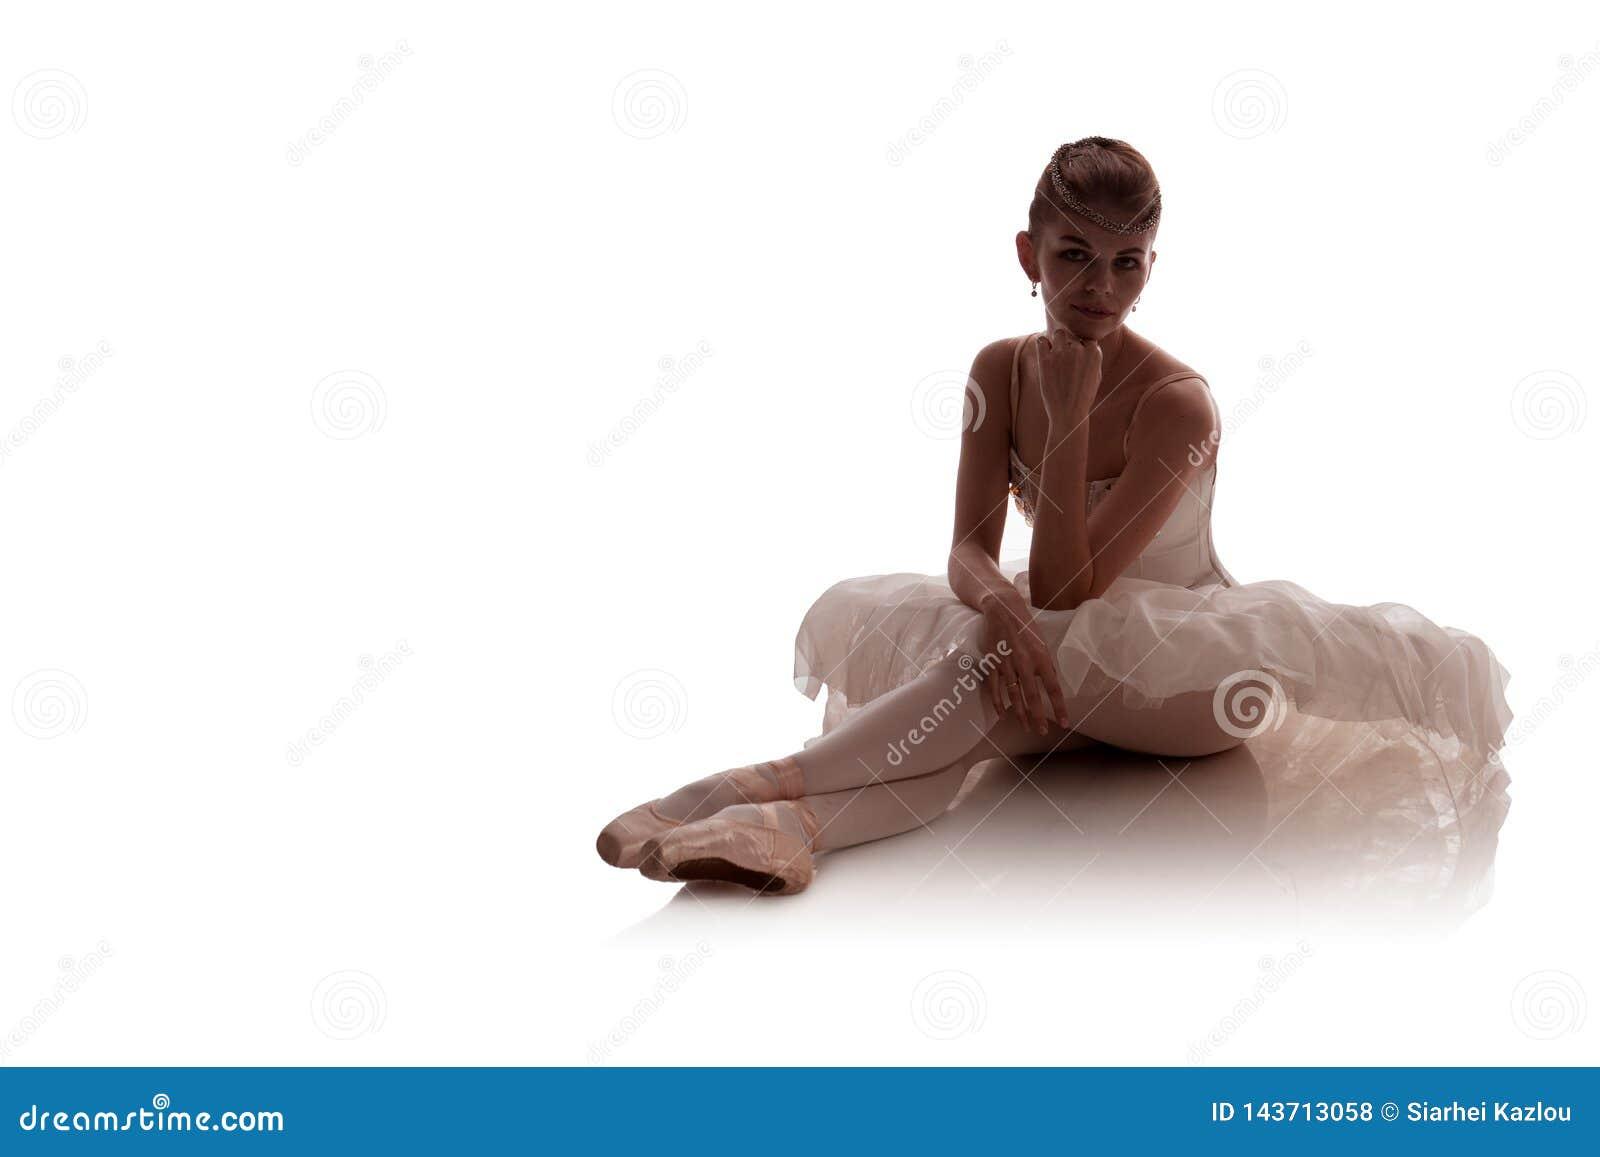 Kobiety balerina w biel paczki spódniczka baletnicy pozuje na białym tle